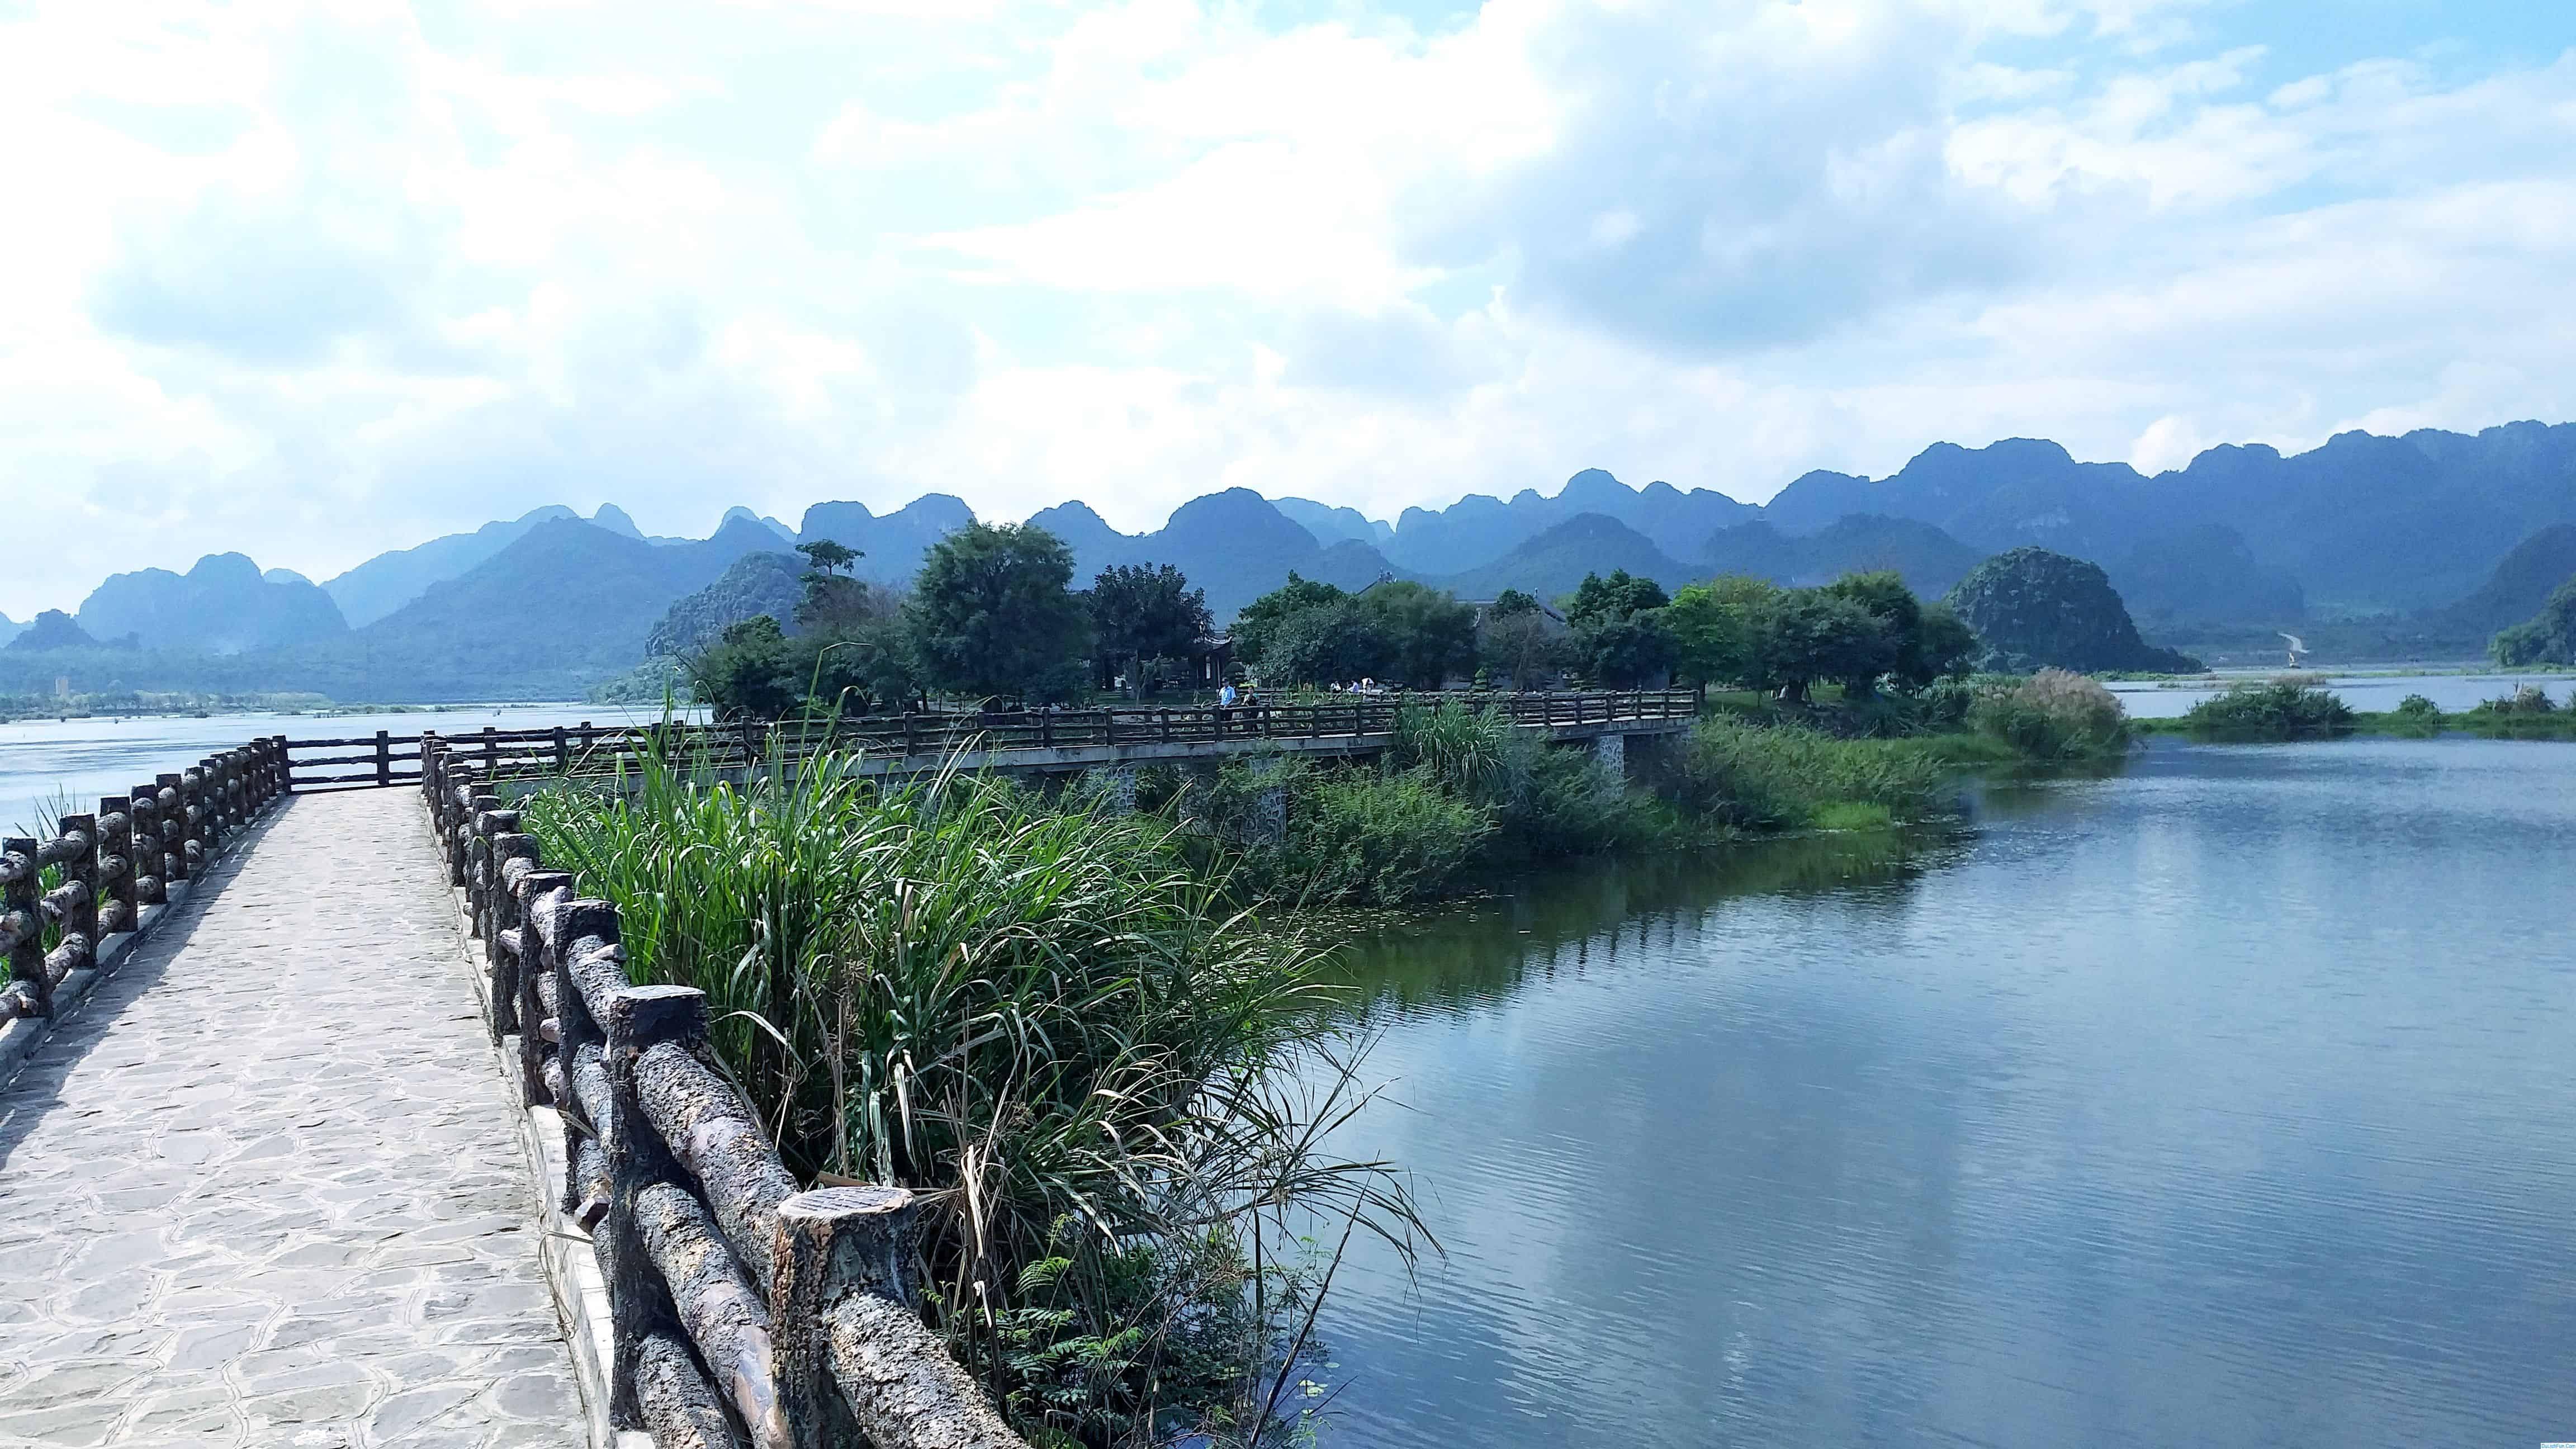 Review du lịch chùa Tam Chúc, Hà Nam tiên cảnh Hạ Long cạn. Hướng dẫn du xuân đầu năm chùa Tam Chúc, Hà Nam đường đi cảnh đẹp..